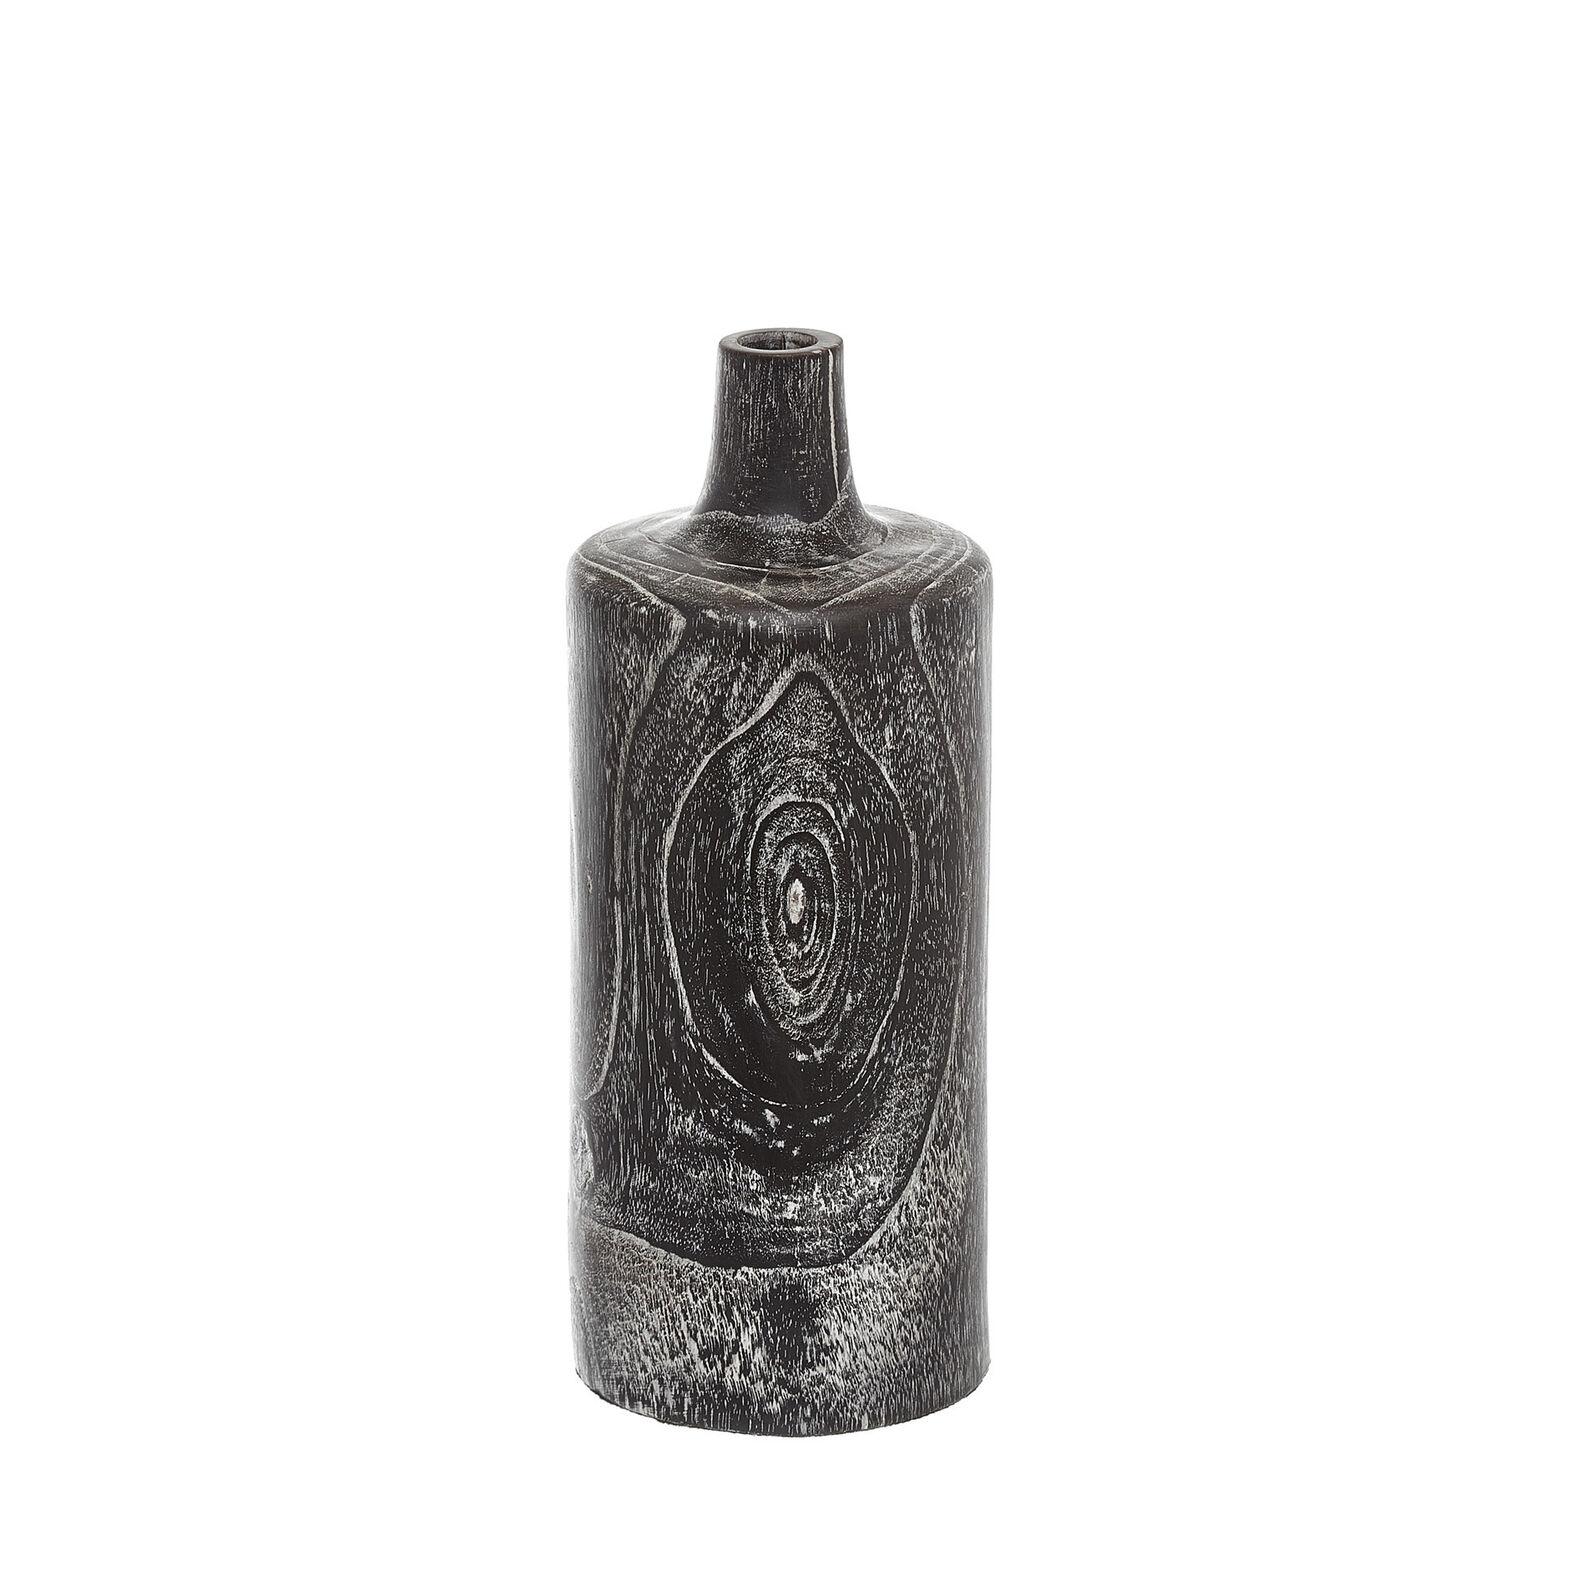 Handmade decorative teak bottle